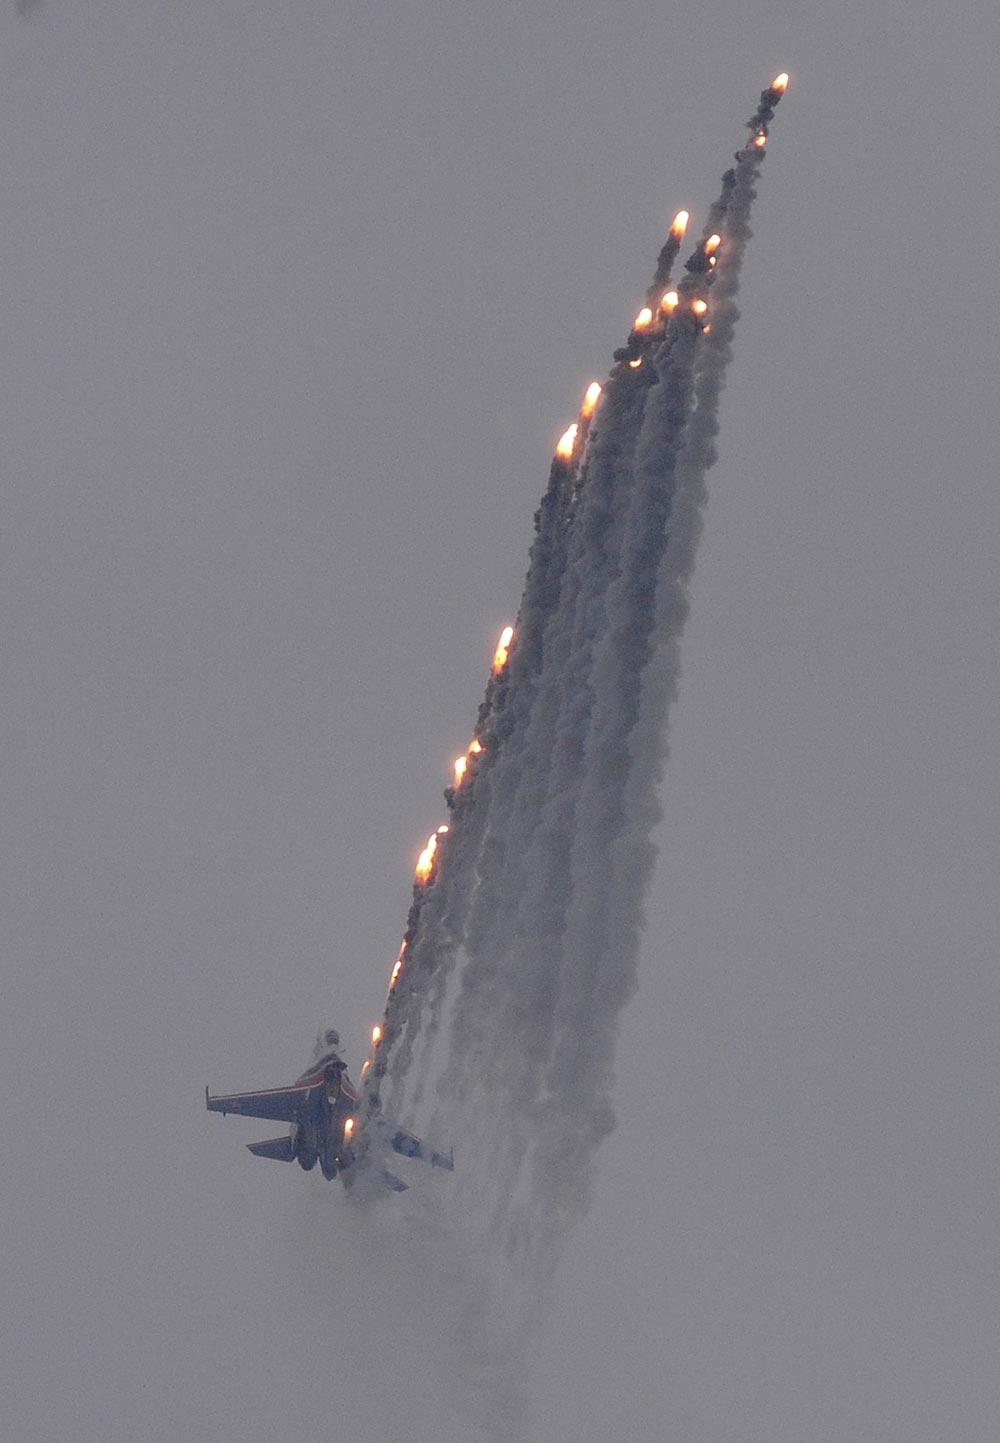 रूस के झुकोवस्की में माक्स एयर शो के दौरान एसयू 27 फाइटर जेट का प्रदर्शन किया गया।